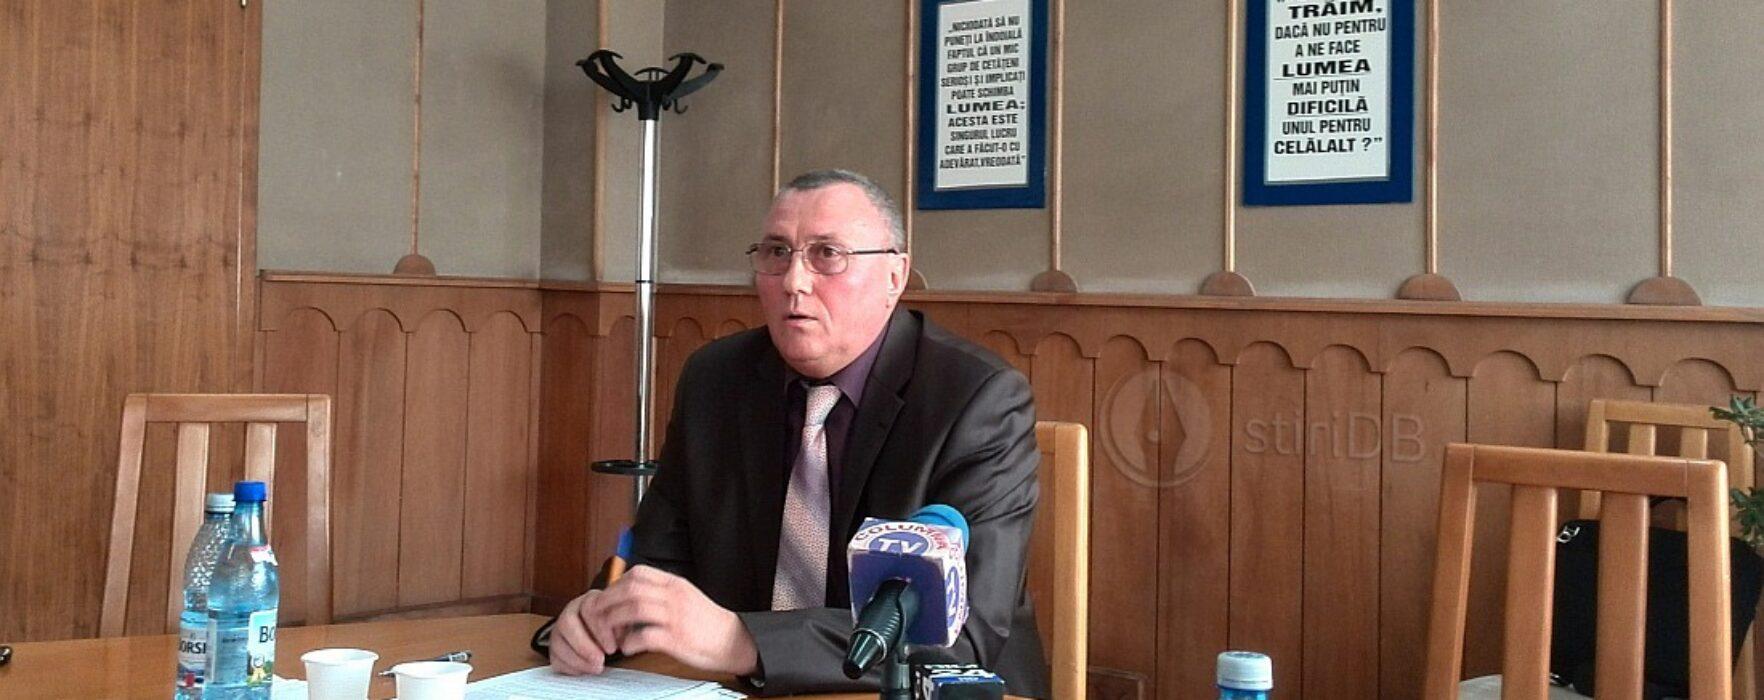 Dănuţ Bădău (primar PNL Pucioasa): Cred că ar trebui anulate deciziile luate după congresul PNL